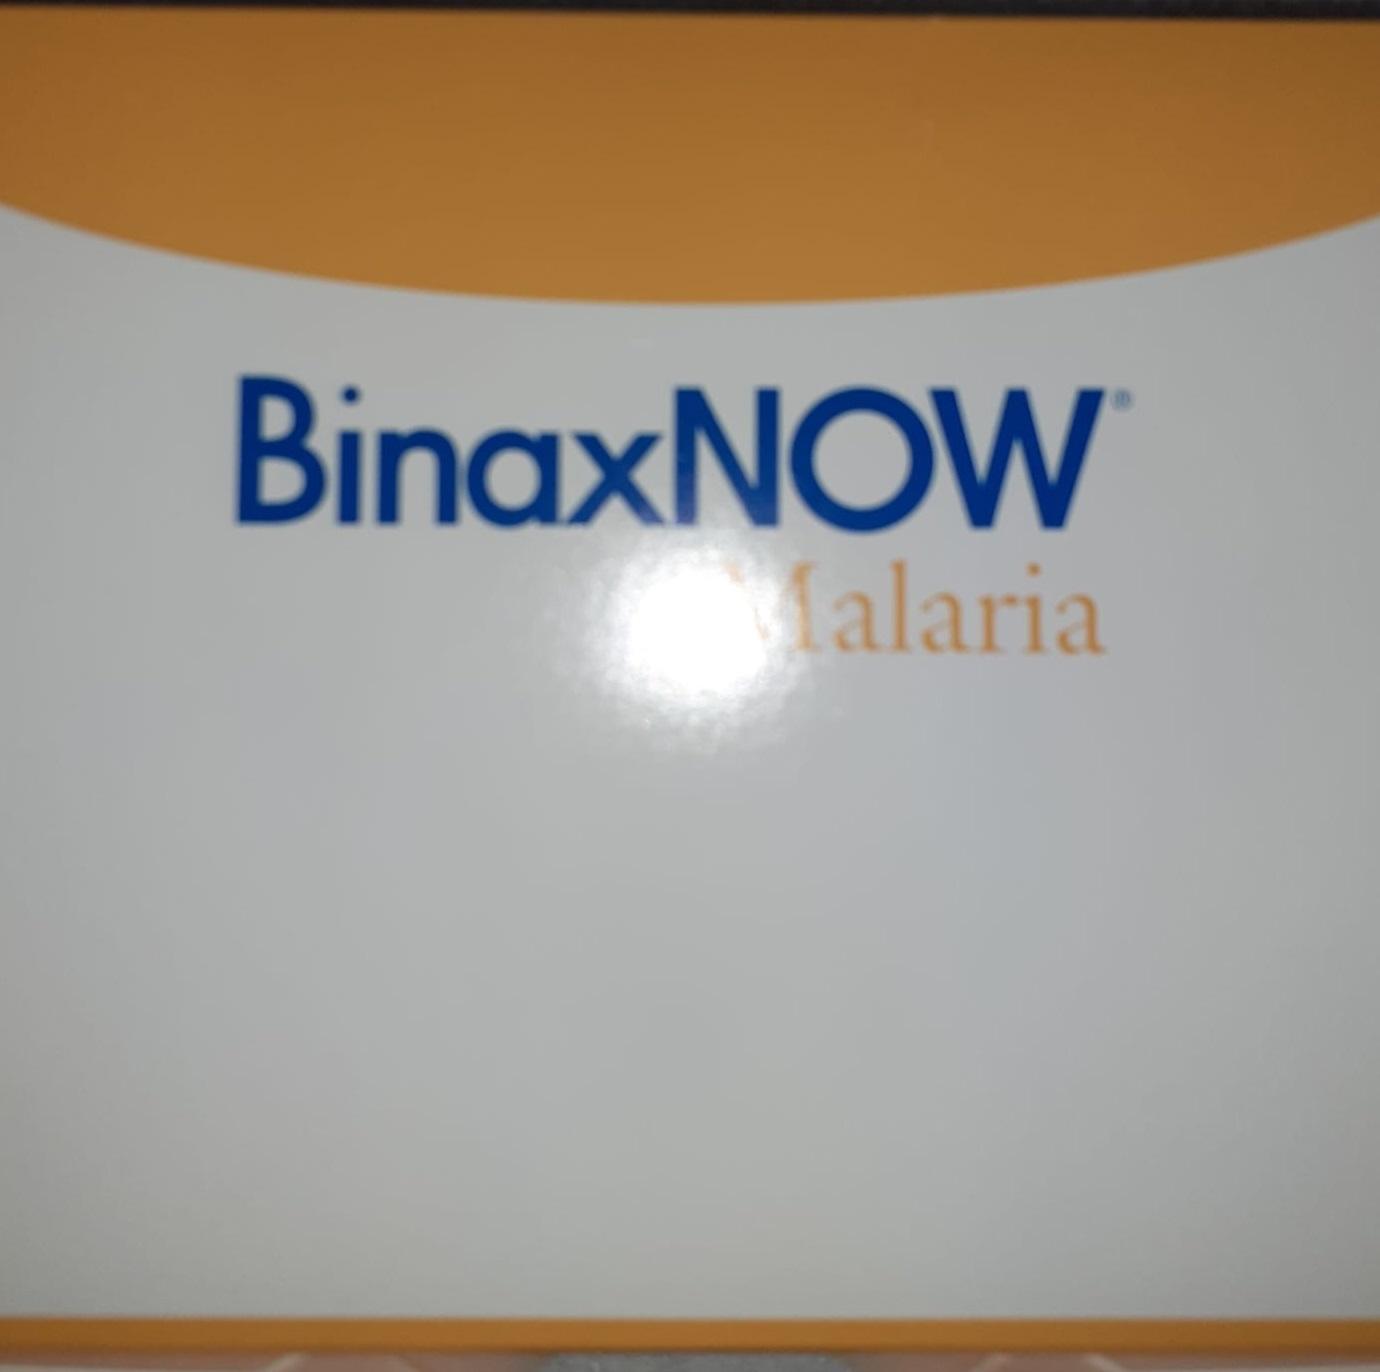 Binaxnow